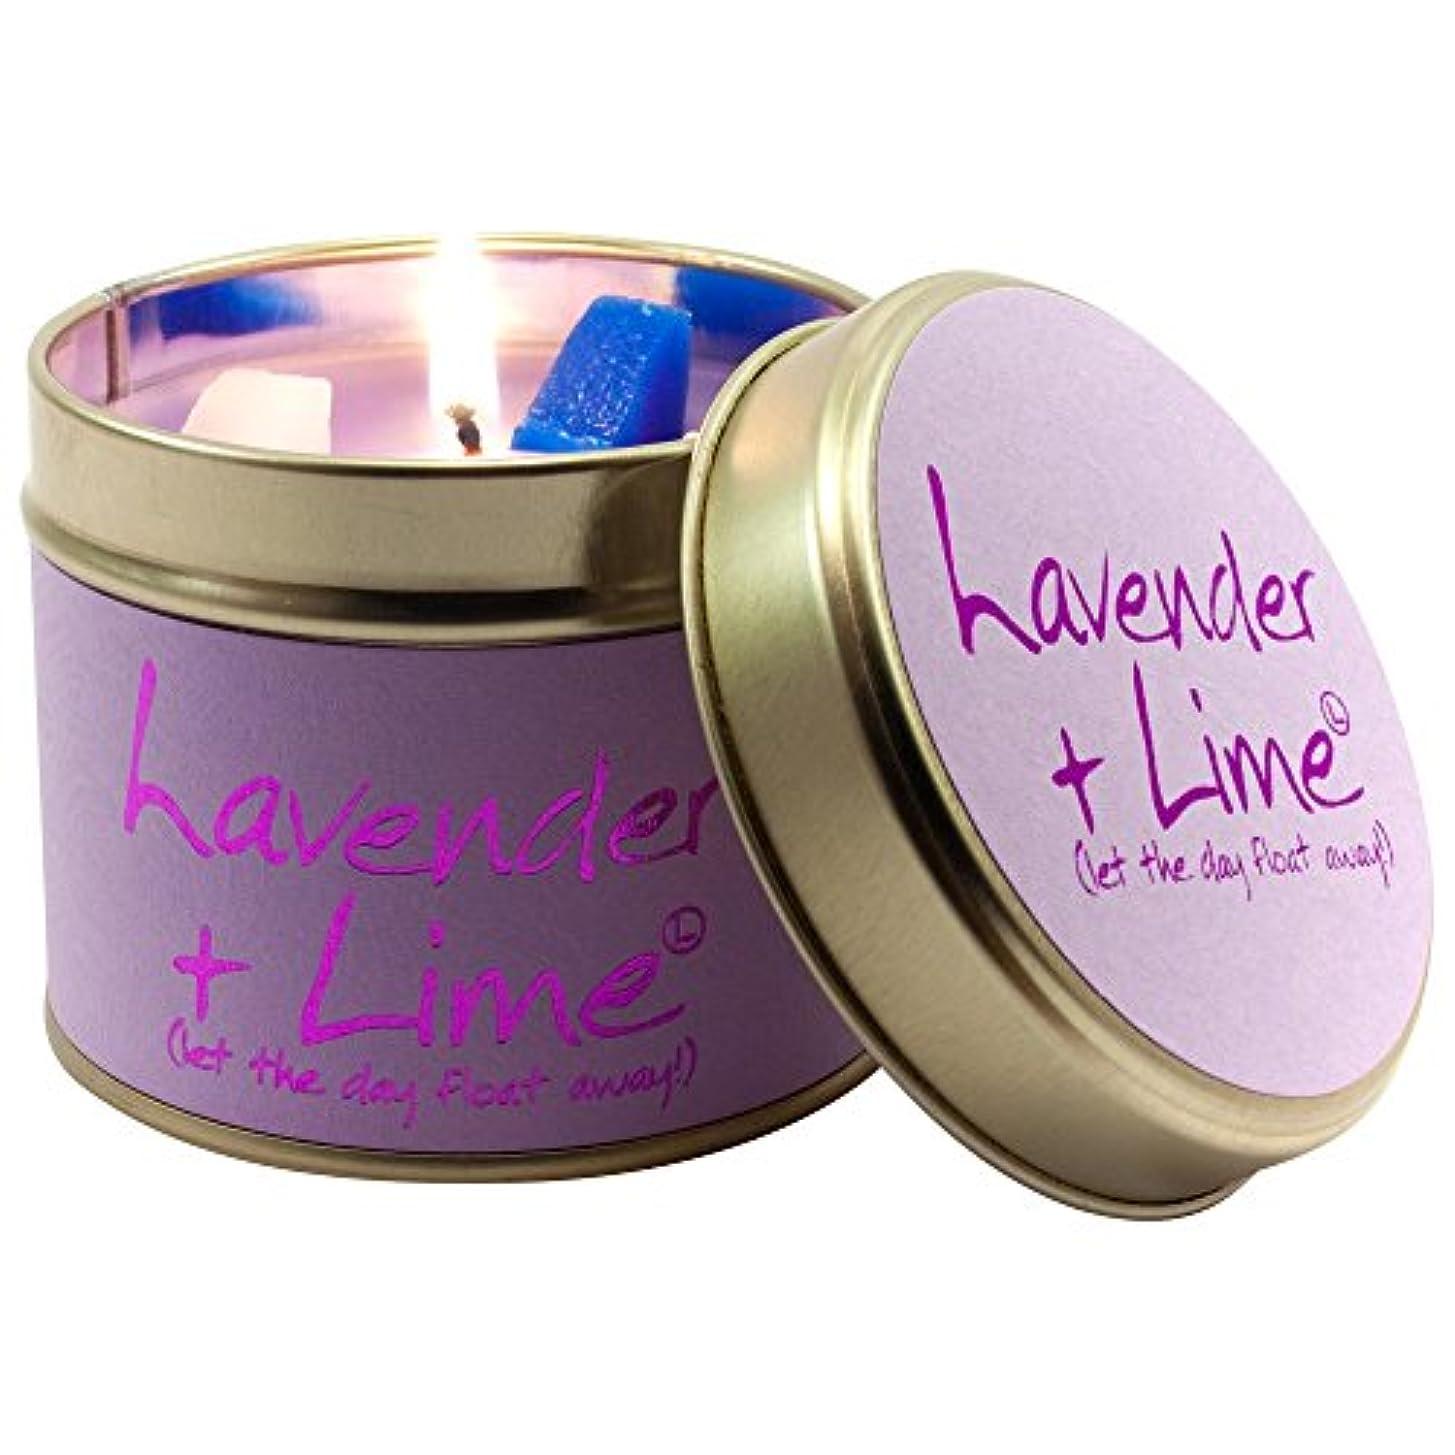 ハンカチディプロマ方程式Lily-Flame Lavender and Lime Scented Candle Jar (Pack of 6) - ユリ炎ラベンダー、ライムの香りのキャンドルジャー (Lily-Flame) (x6) [並行輸入品]